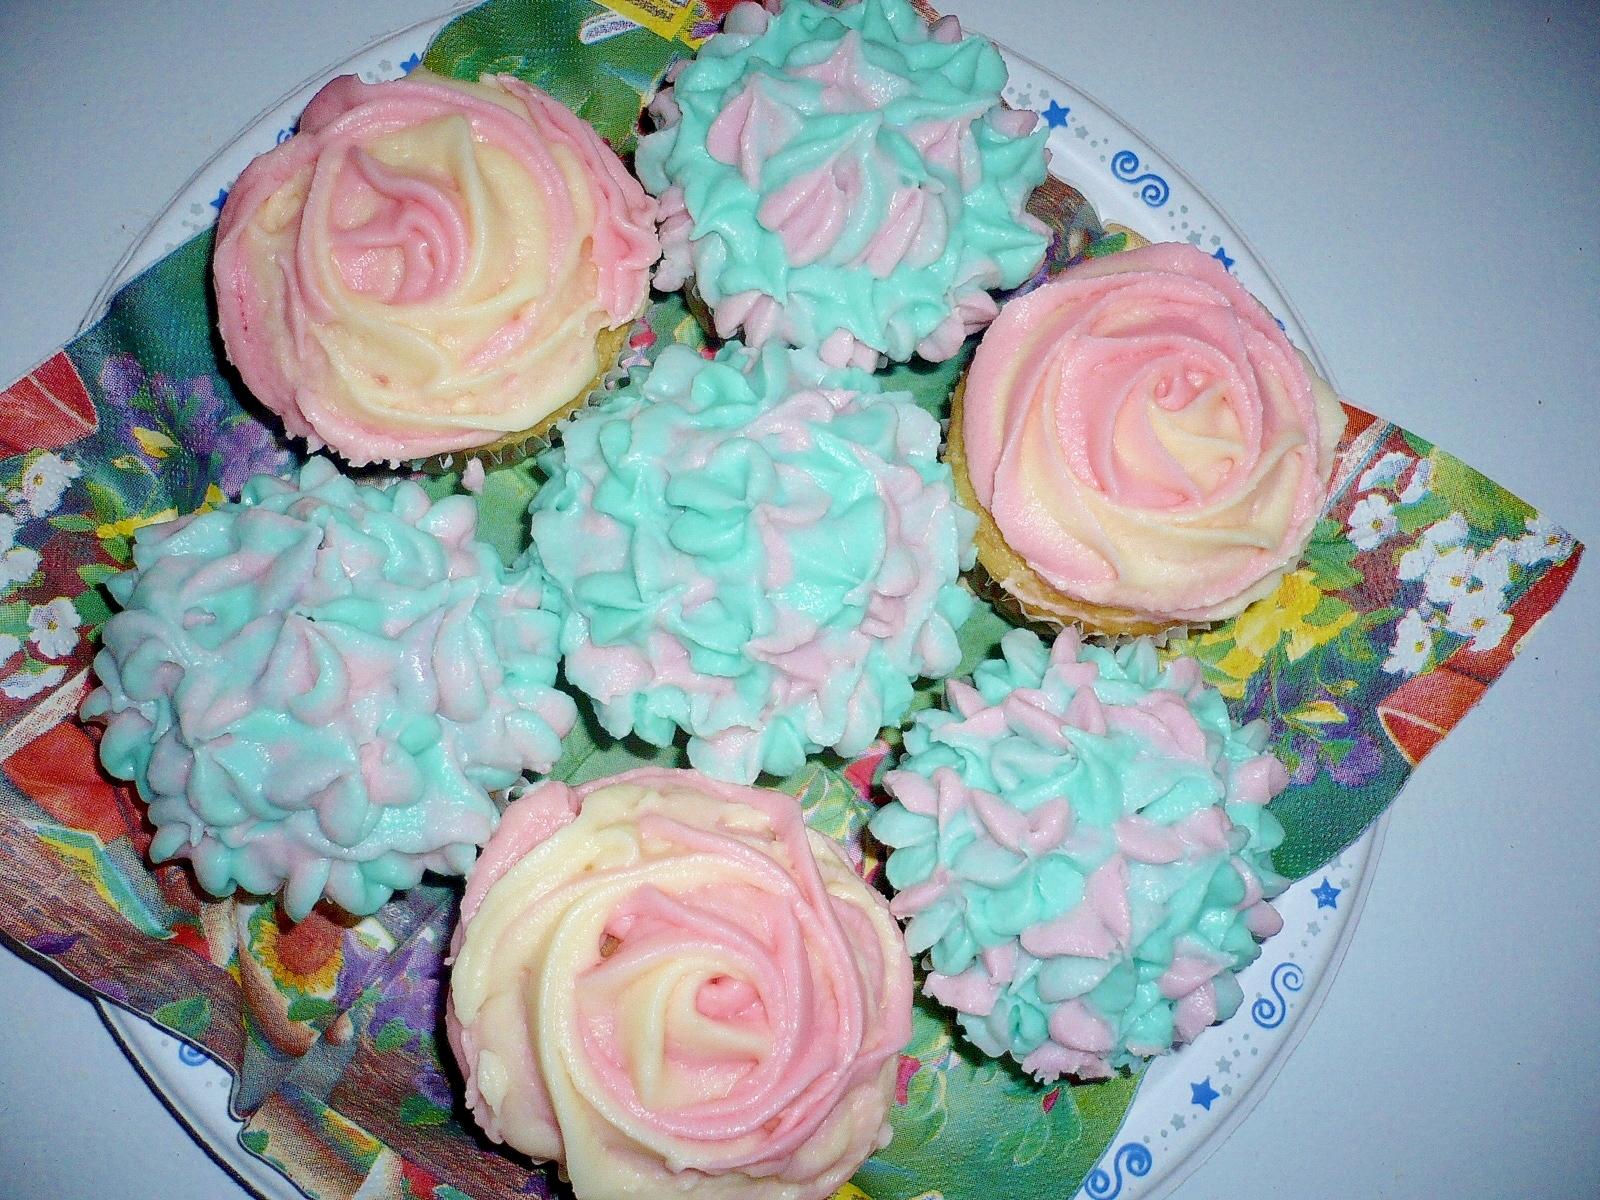 カップケーキ*ワンダフル*デコレーション!